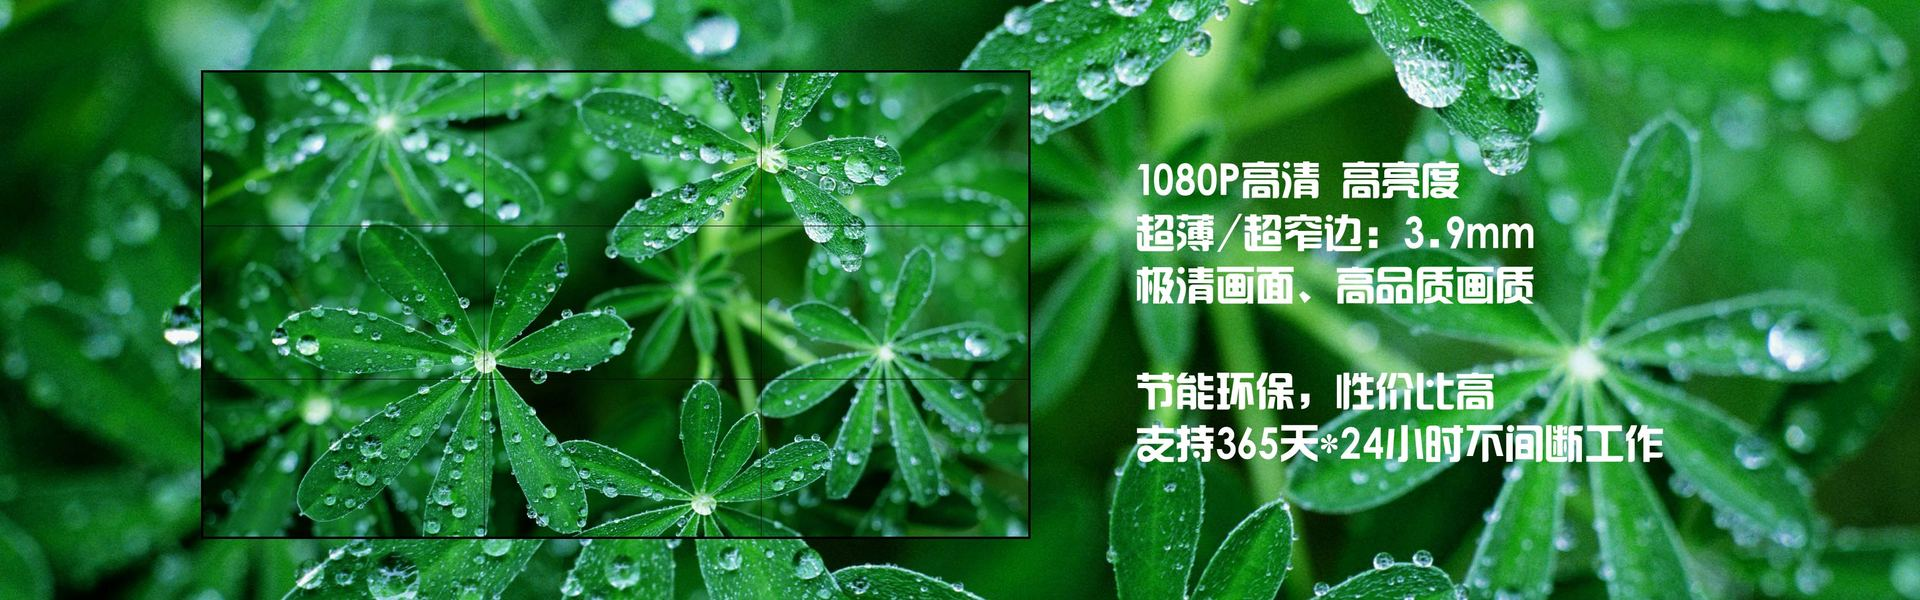 湖北广东快乐十分结果查询双色球专显网站首页形象图一